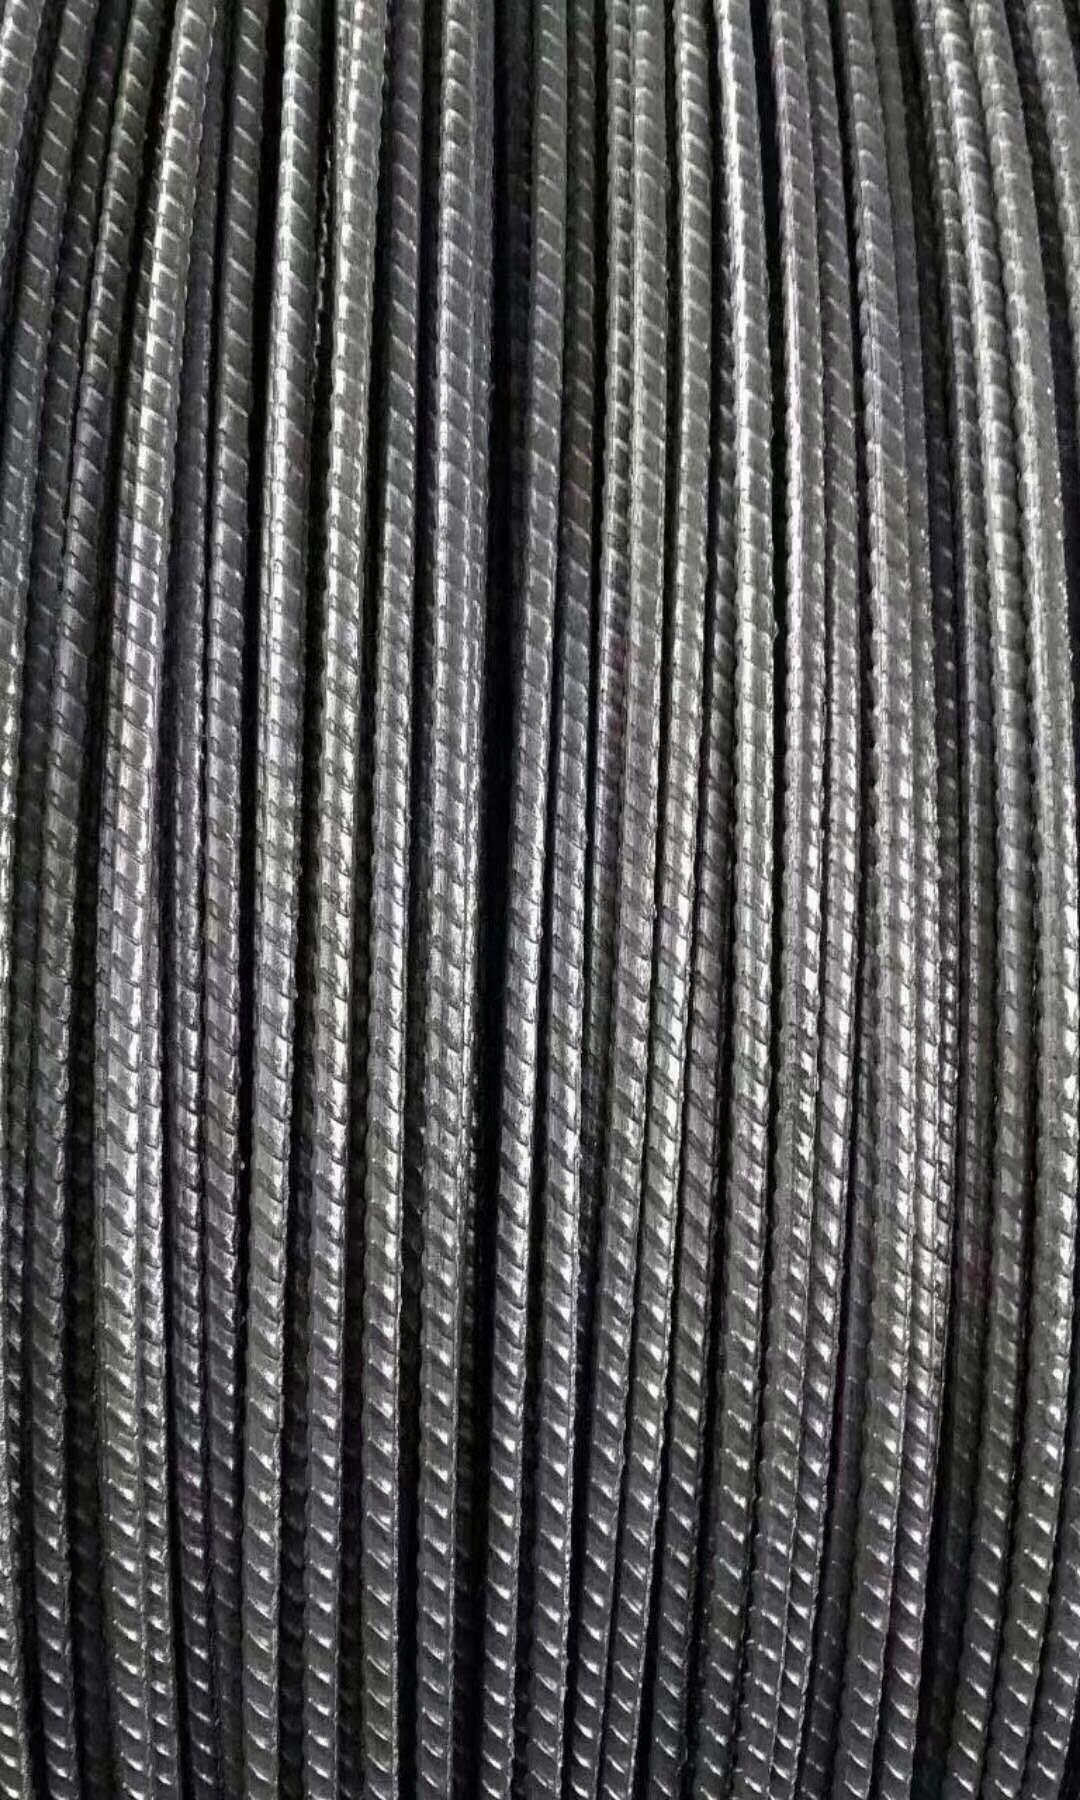 5个螺旋肋钢丝厂家直销